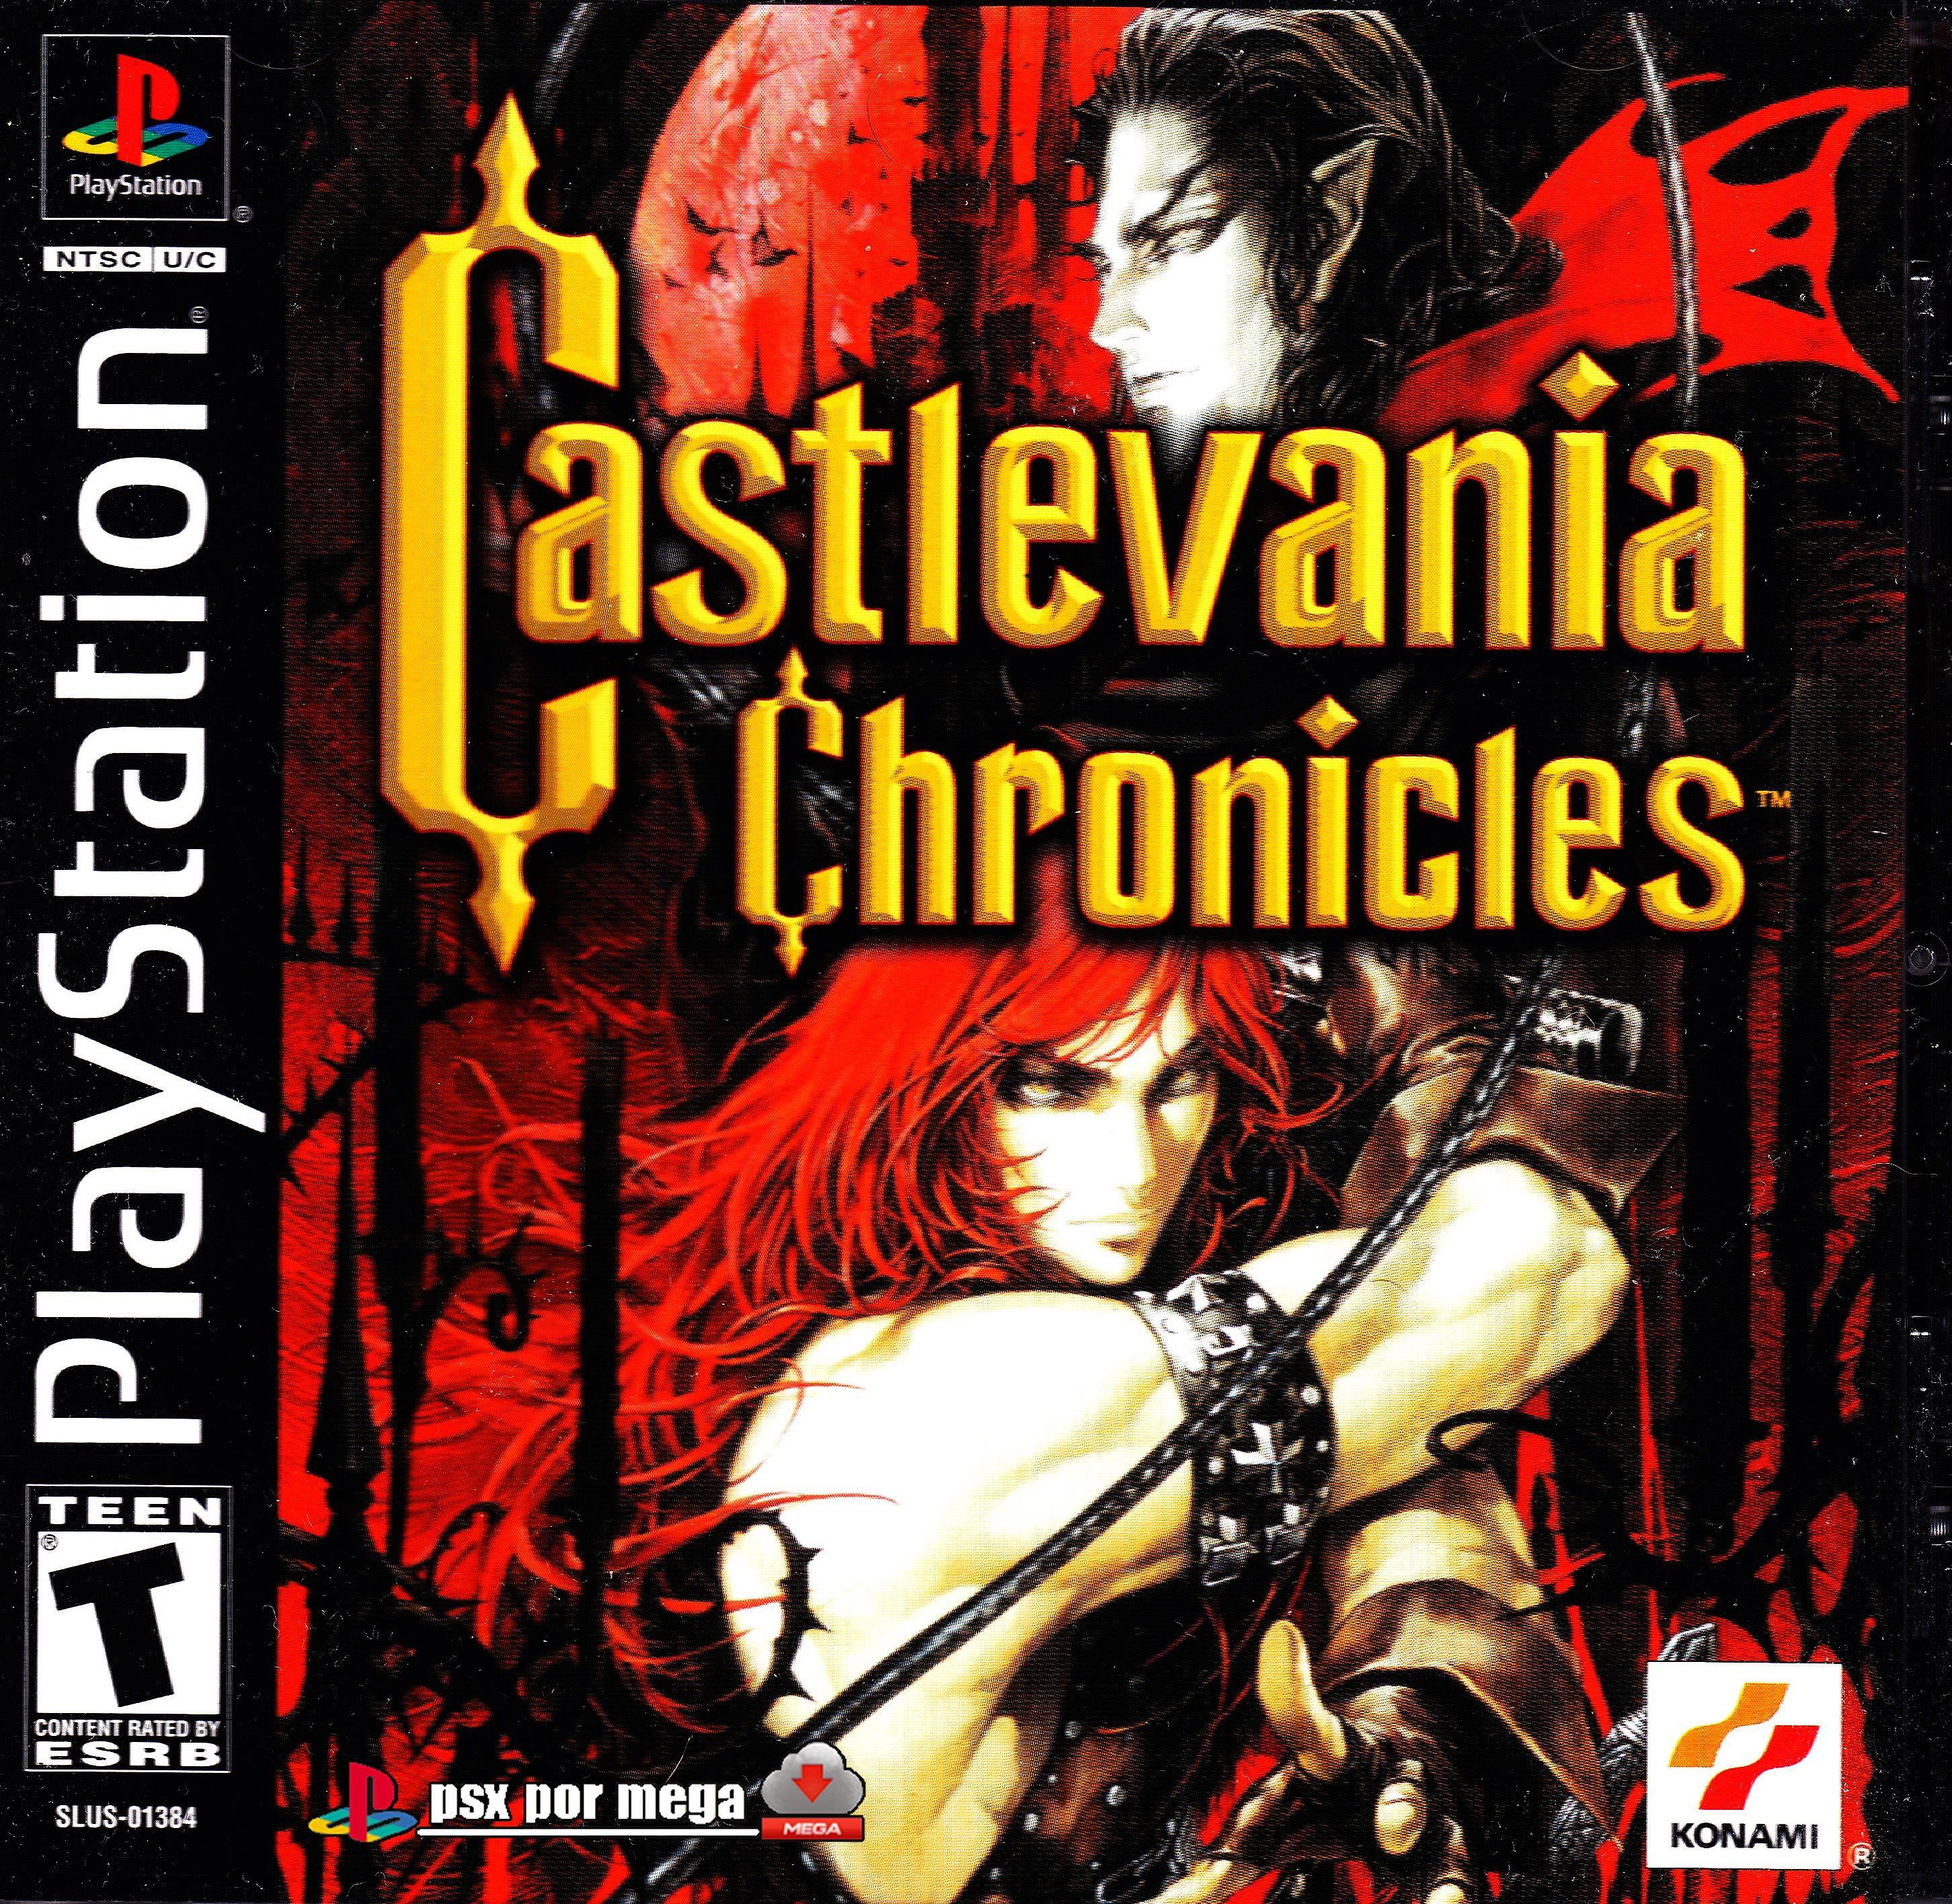 Castlevania Chronicles Psone Cover Hd Juegos Psx Juegos De Ps1 Juegos Retro